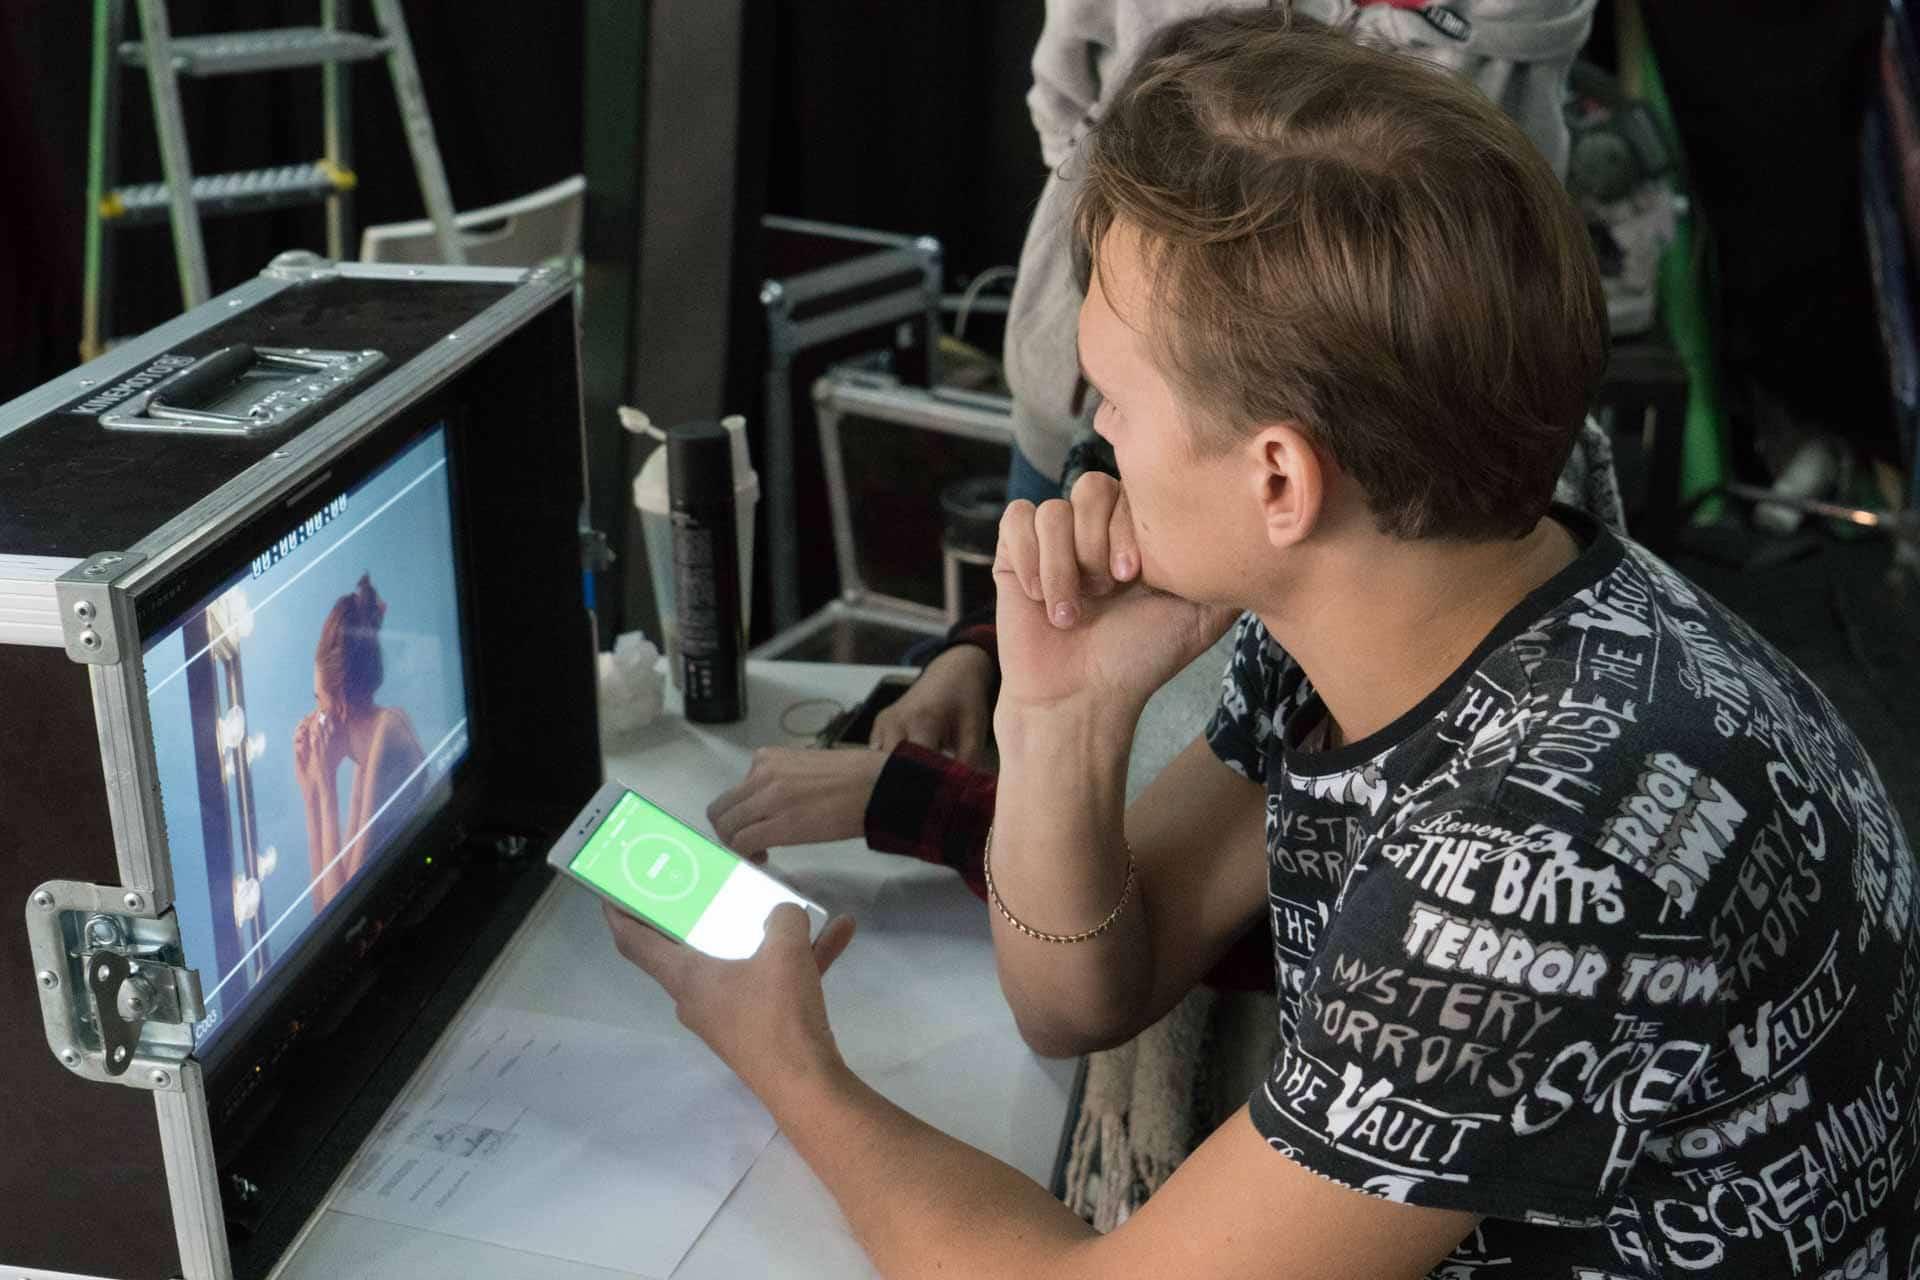 Режиссер смотрит в плейбек на съемке рекламного ролика